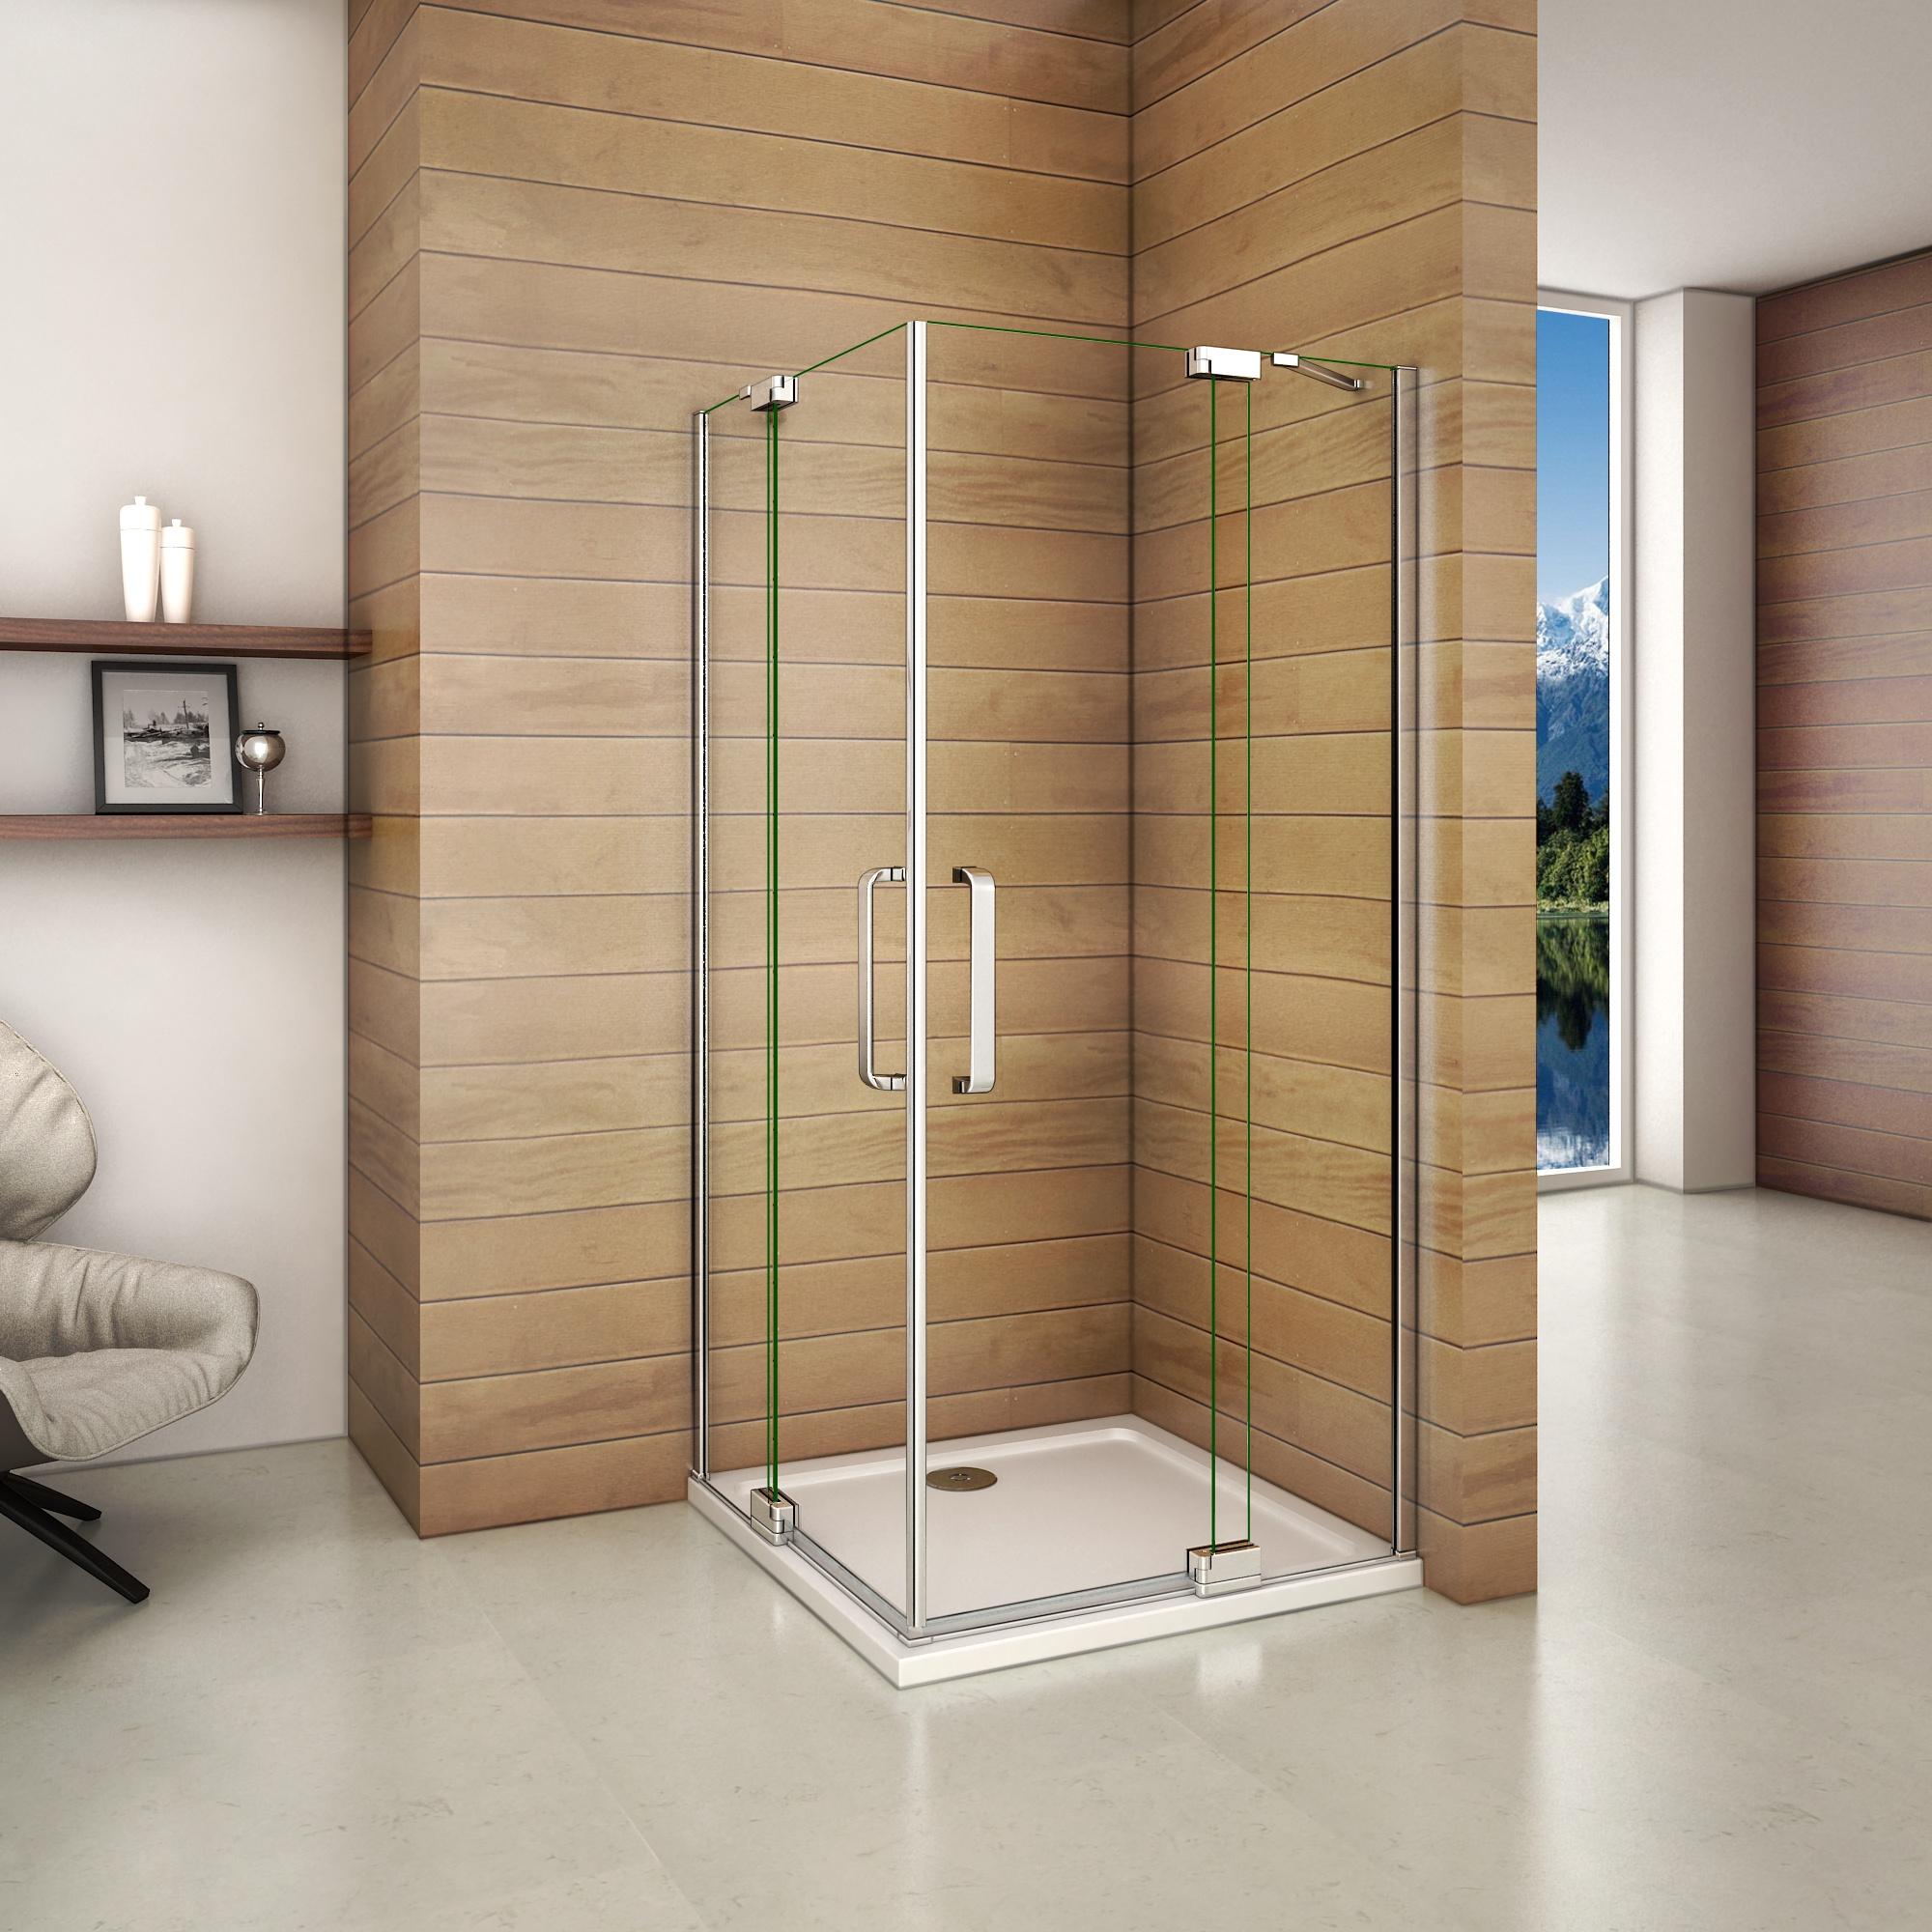 H K - Čtvercový sprchový kout AIRLINE R909, 90x90 cm, se dvěma jednokřídlými dveřmi s pevnou stěnou, rohový vstup včetně sprchové vaničky z litého mramoru (SE-AIRLINER909/THOR-90SQ)